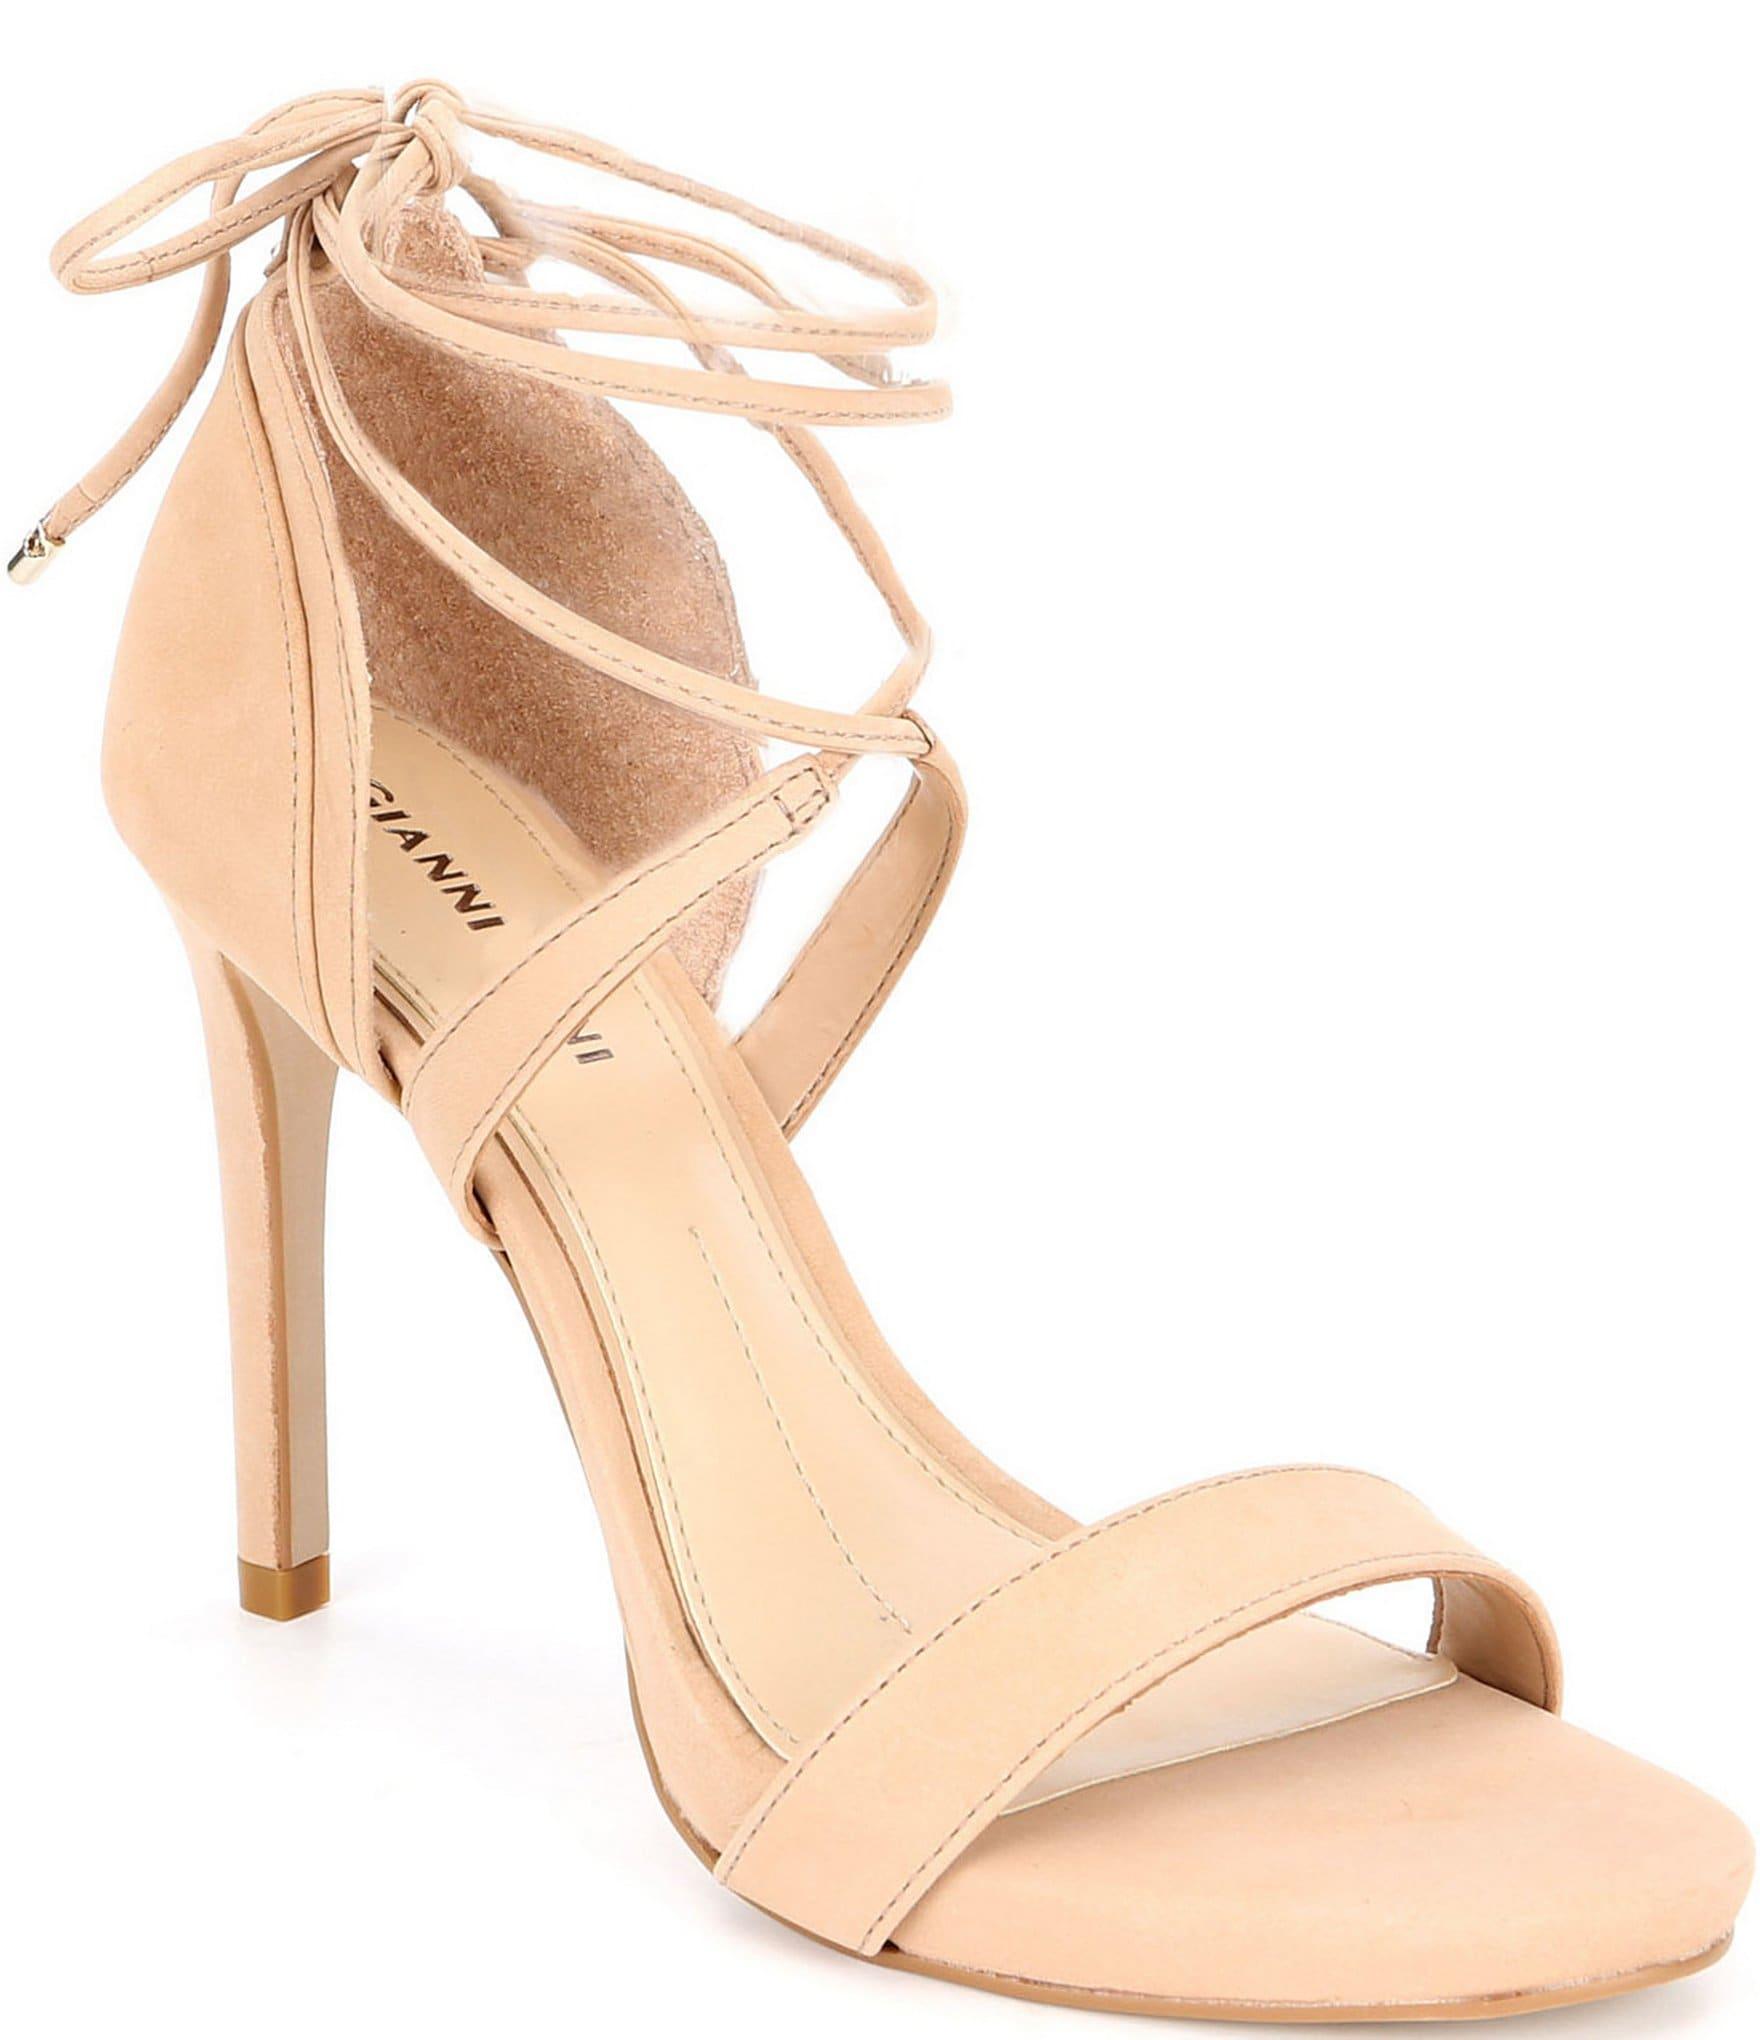 761975c00c Women's Shoes | Dillard's